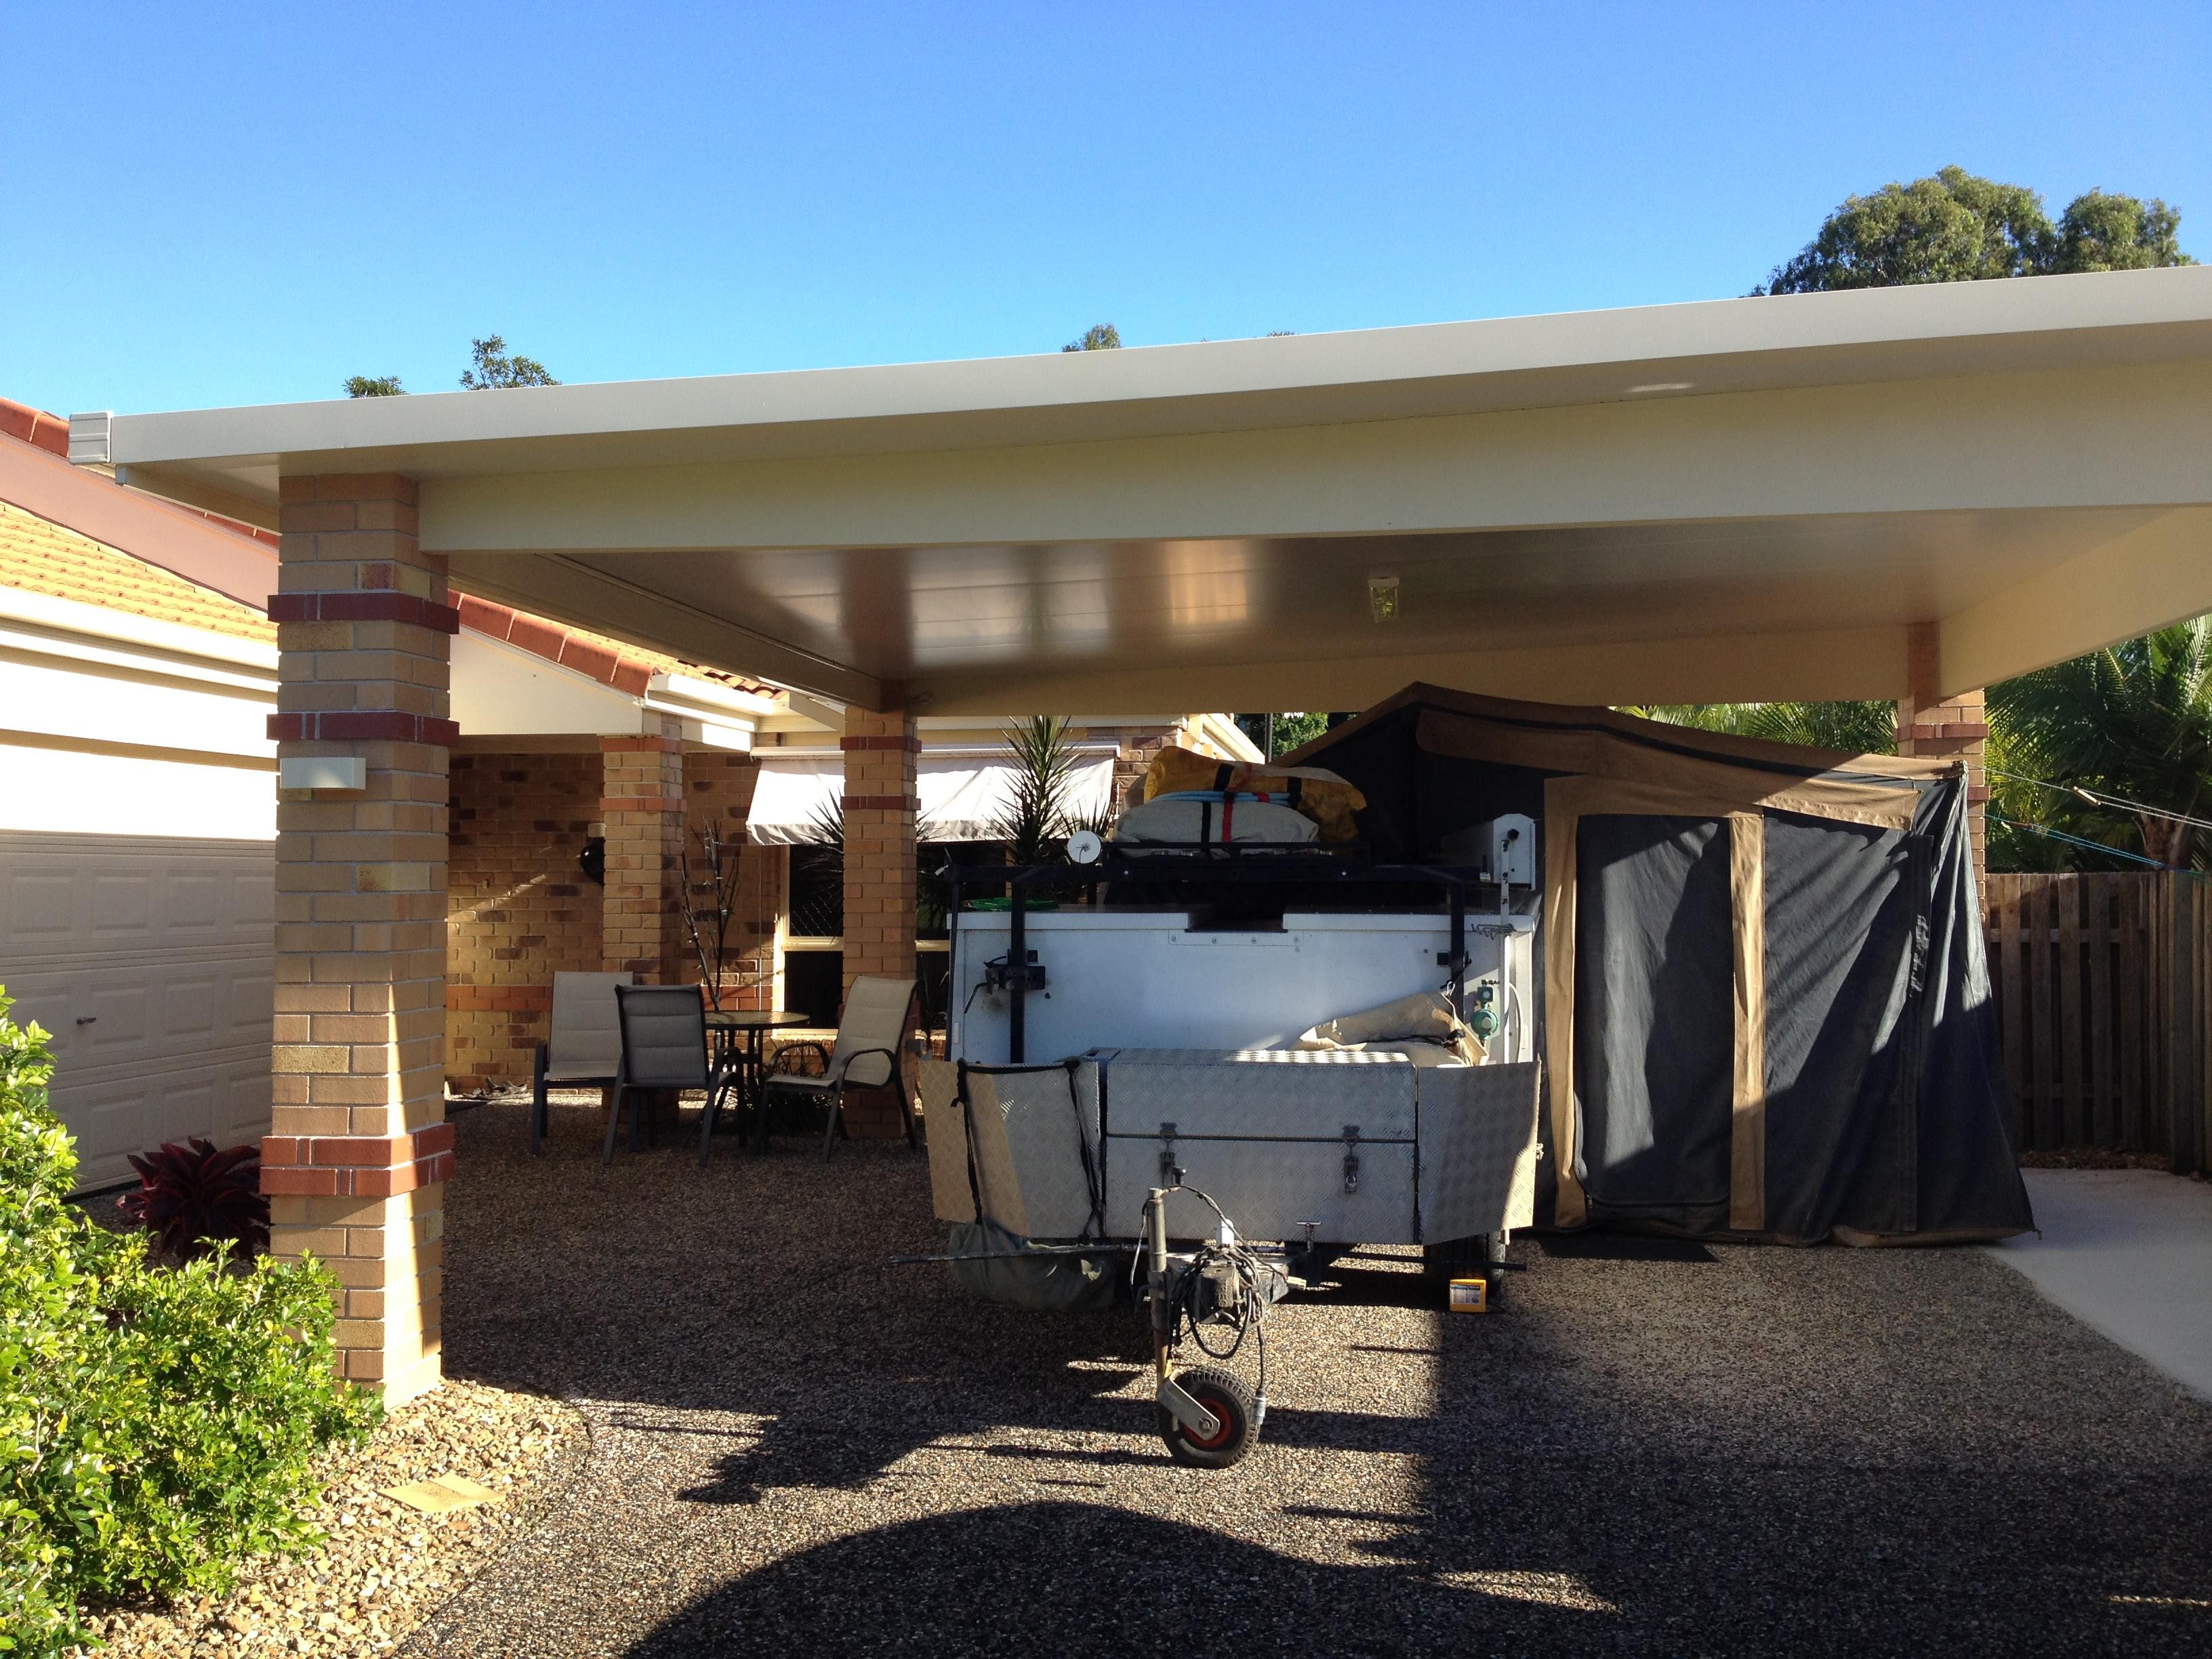 Build Carport Conversion Plans DIY build bench plans ...